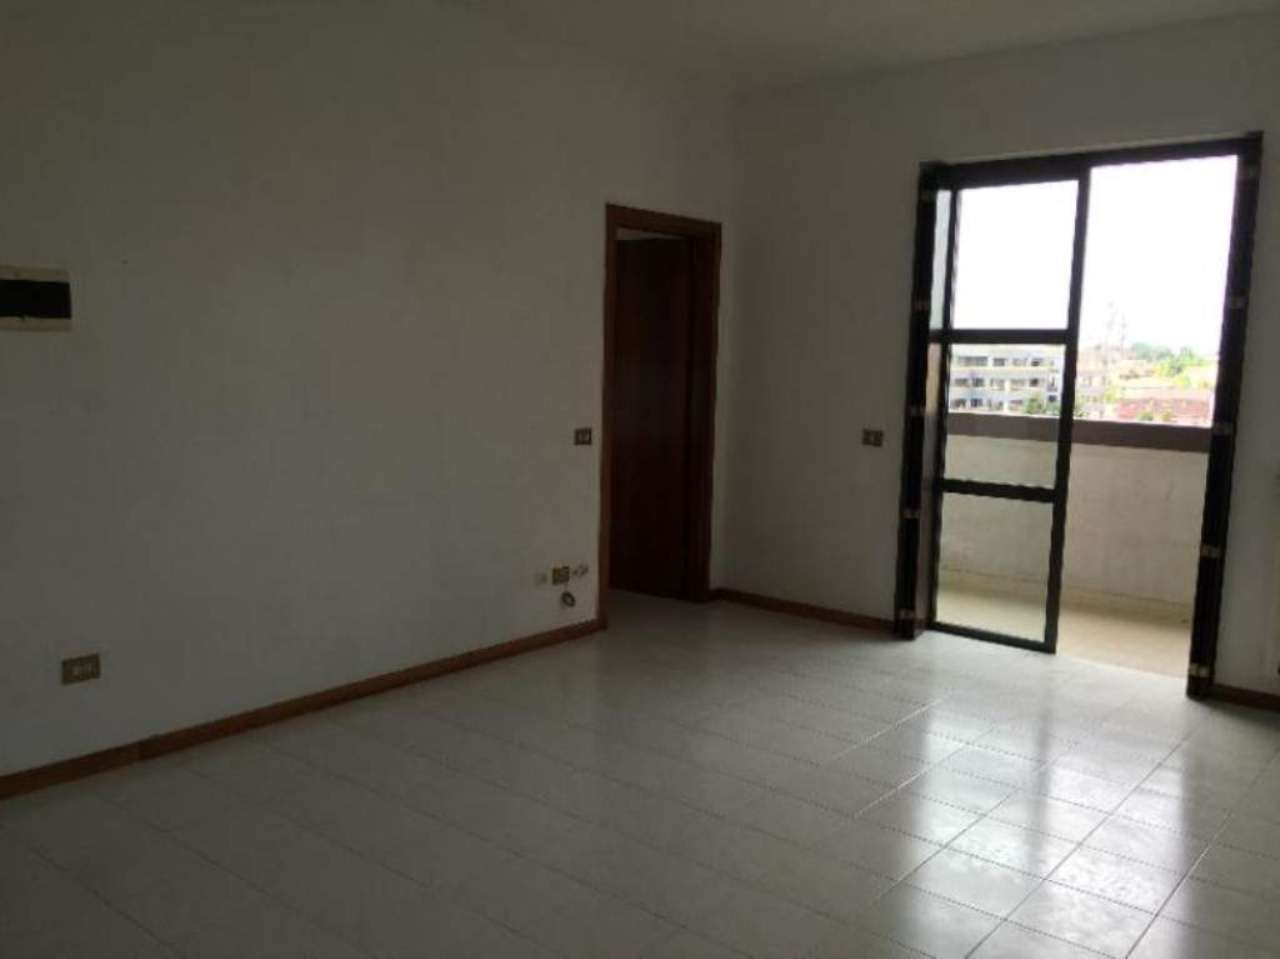 Appartamento in vendita a Cremona, 3 locali, prezzo € 100.000 | Cambio Casa.it